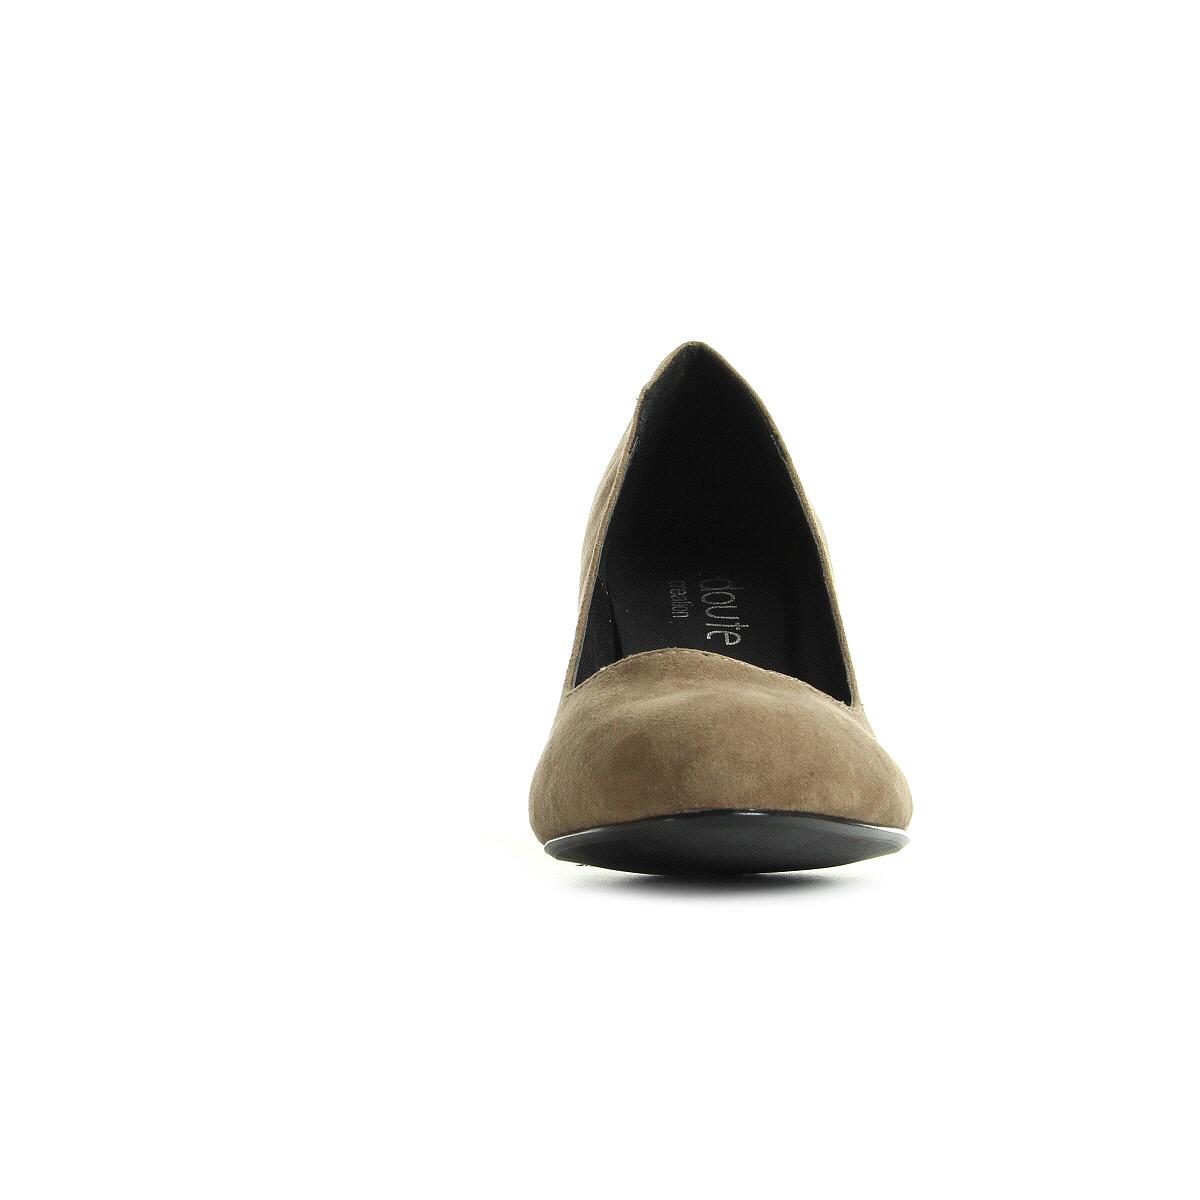 chaussures escarpins la redoute cr ation femme escarpins taille gris grise ebay. Black Bedroom Furniture Sets. Home Design Ideas